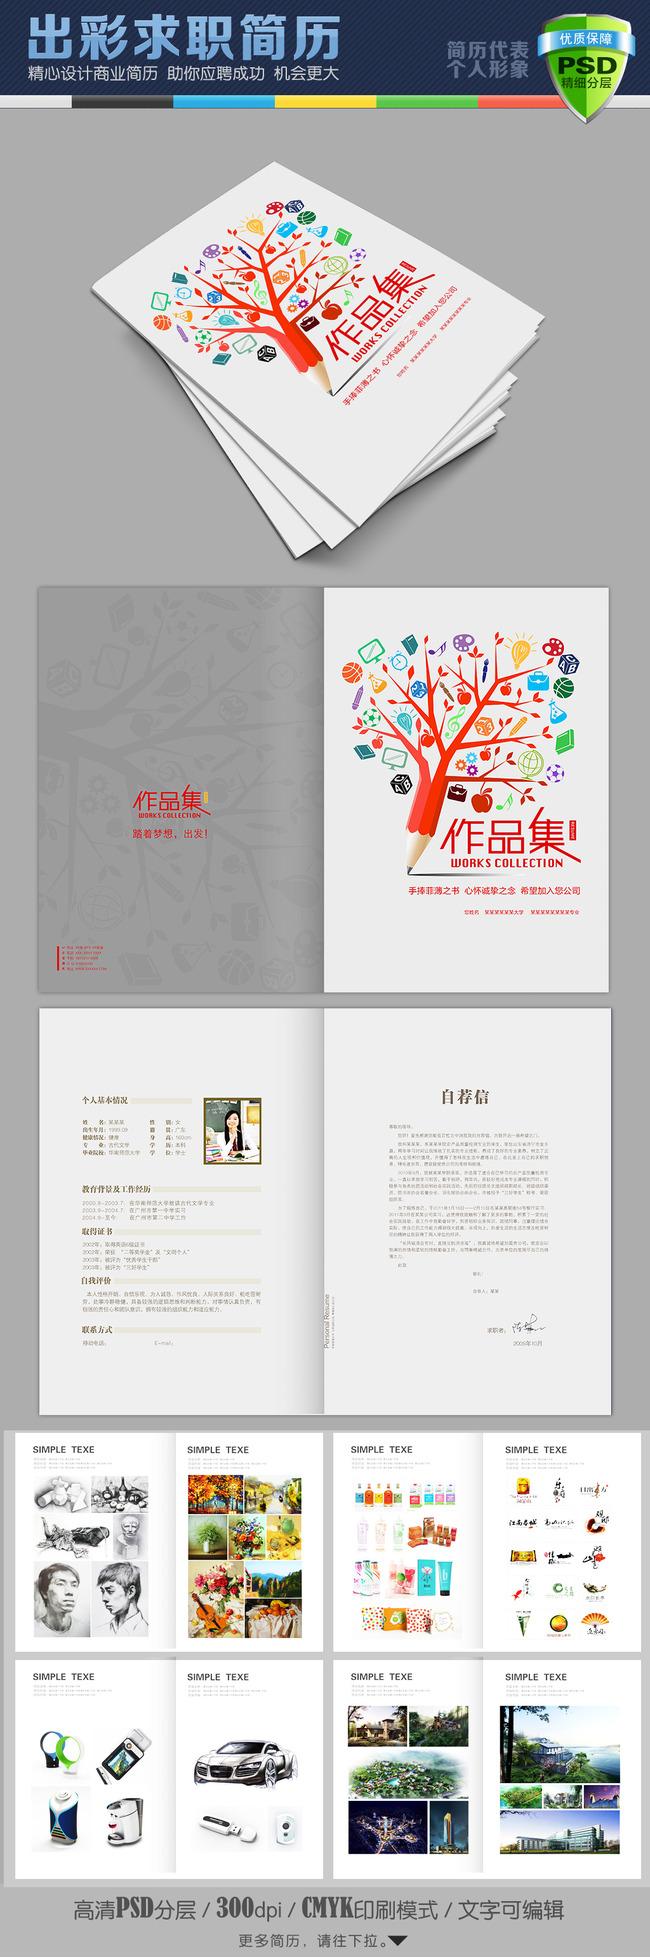 平面设计 简历模版 个人简历模版 > 创意大树艺术生毕业作品集求职